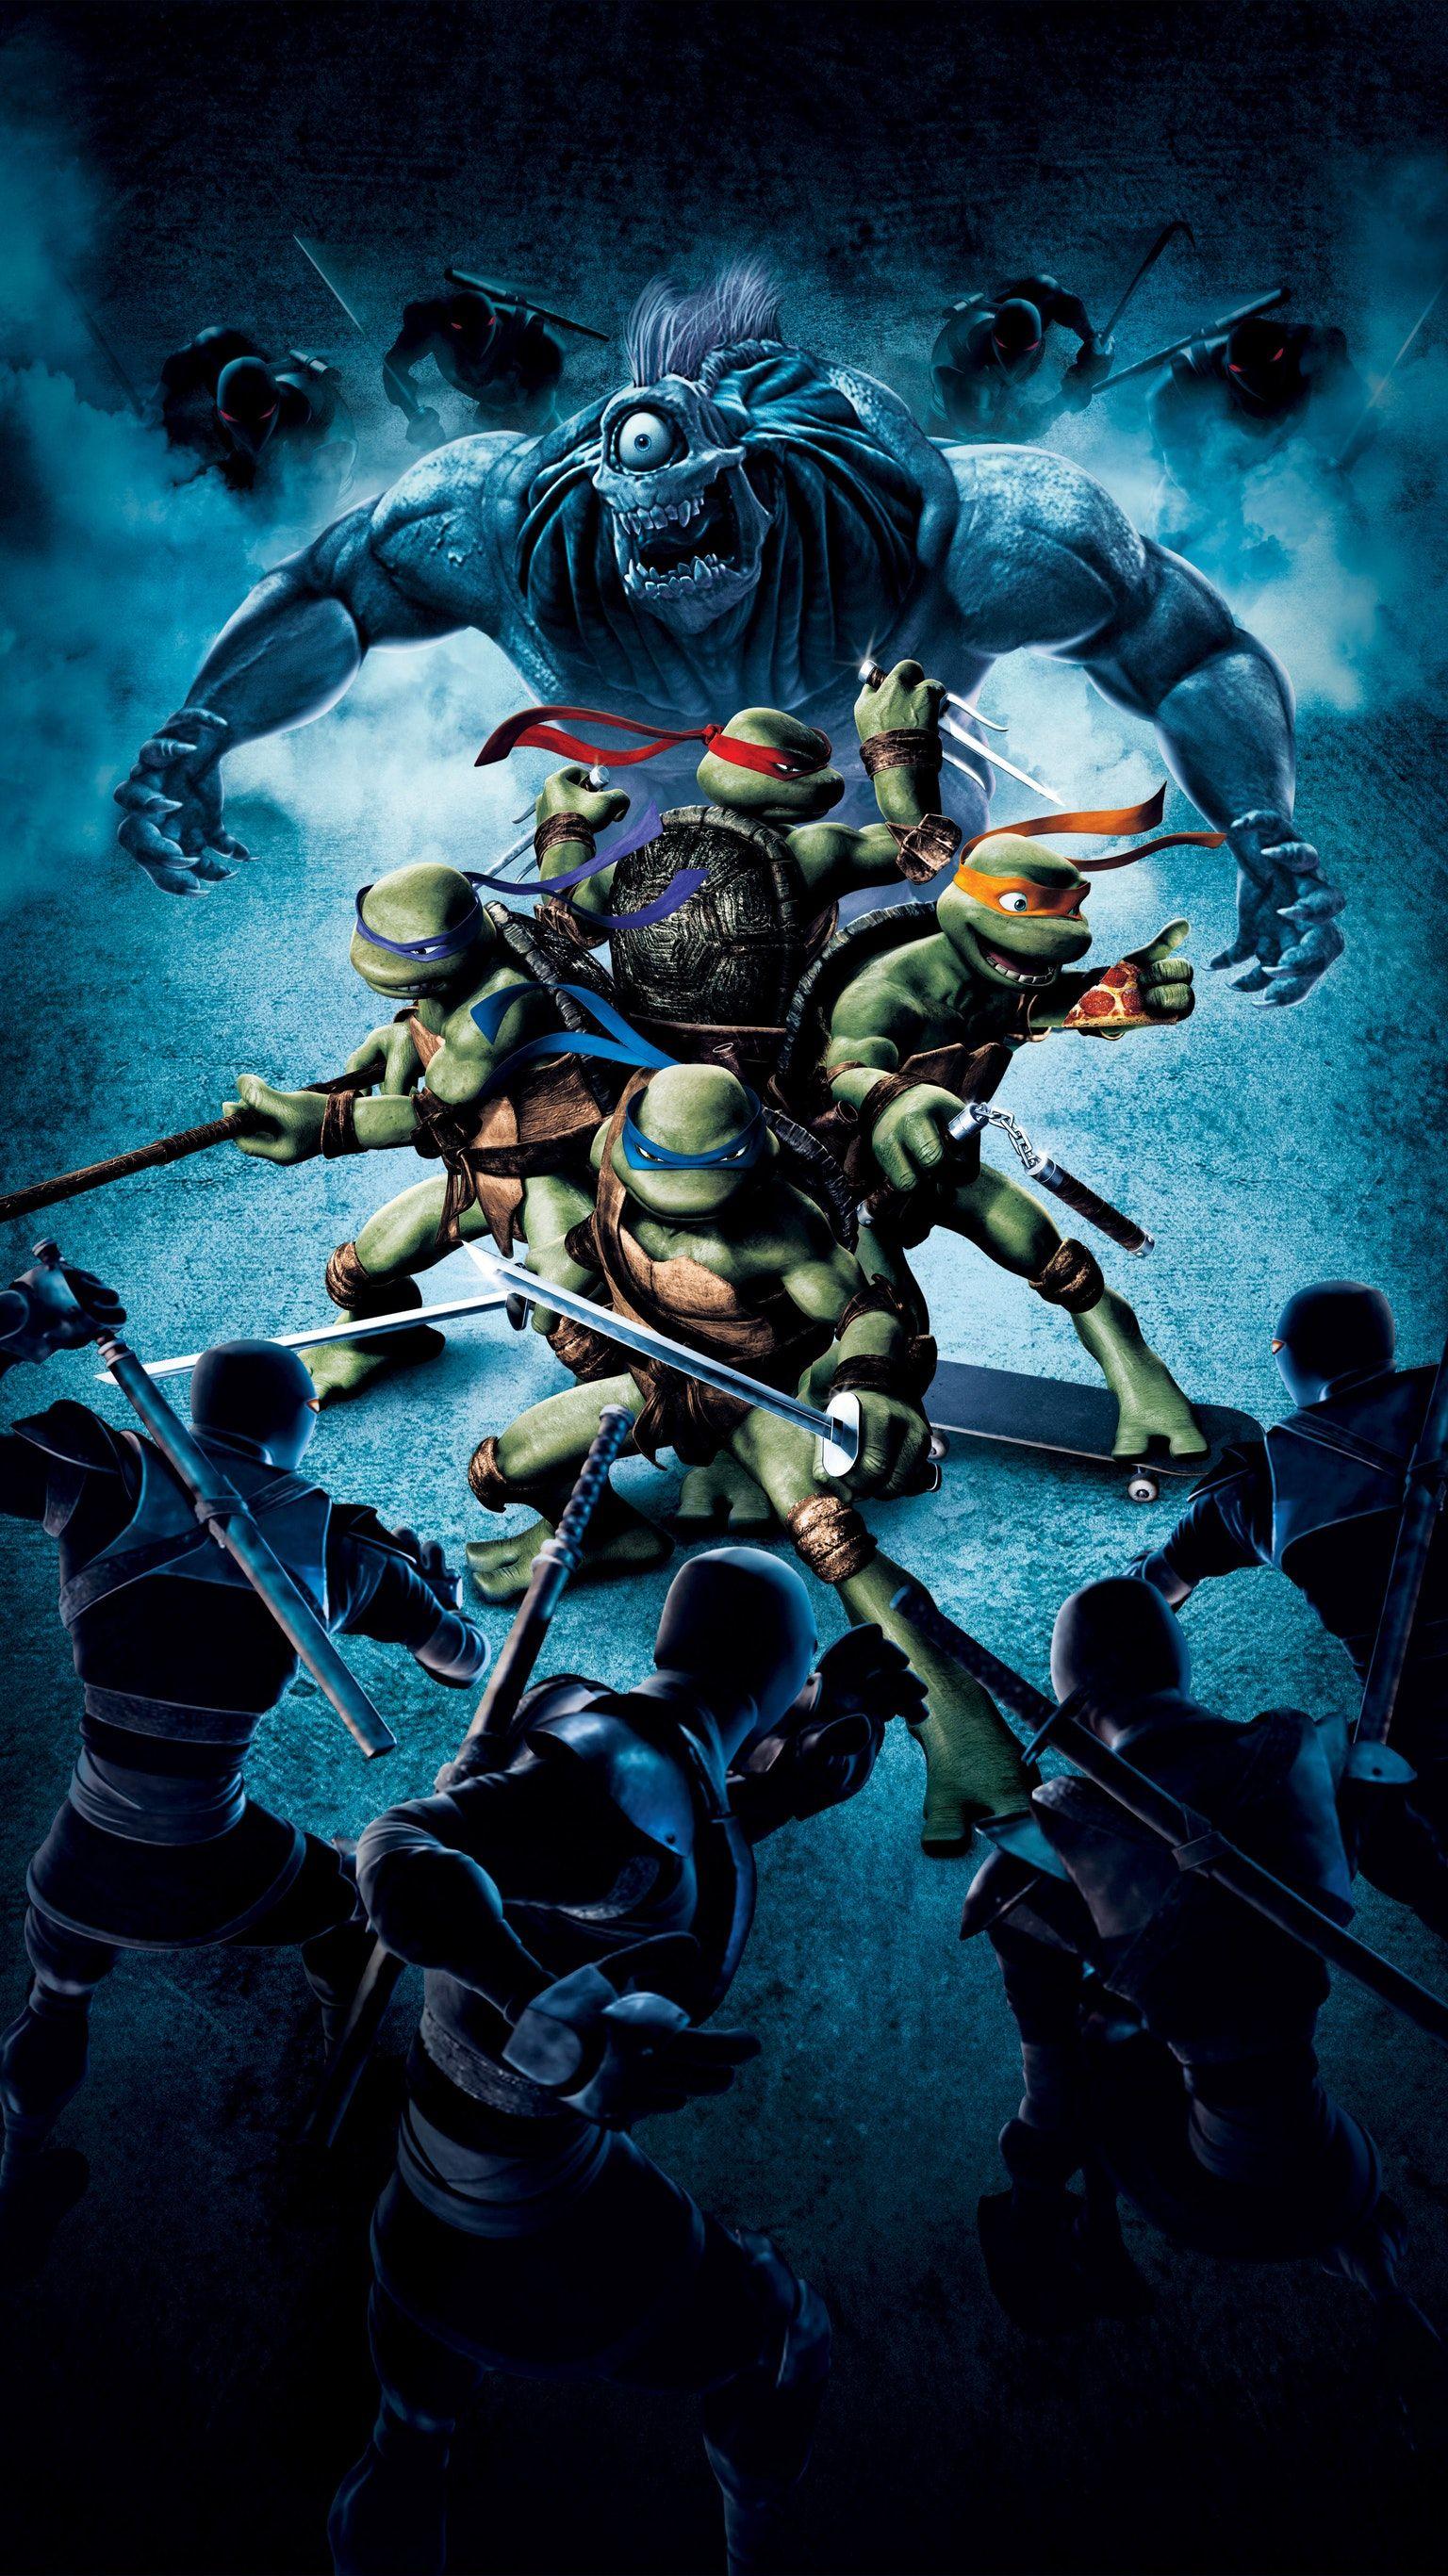 Tmnt 2007 Phone Wallpaper Ninja Turtles Teenage Ninja Turtles Tmnt Artwork